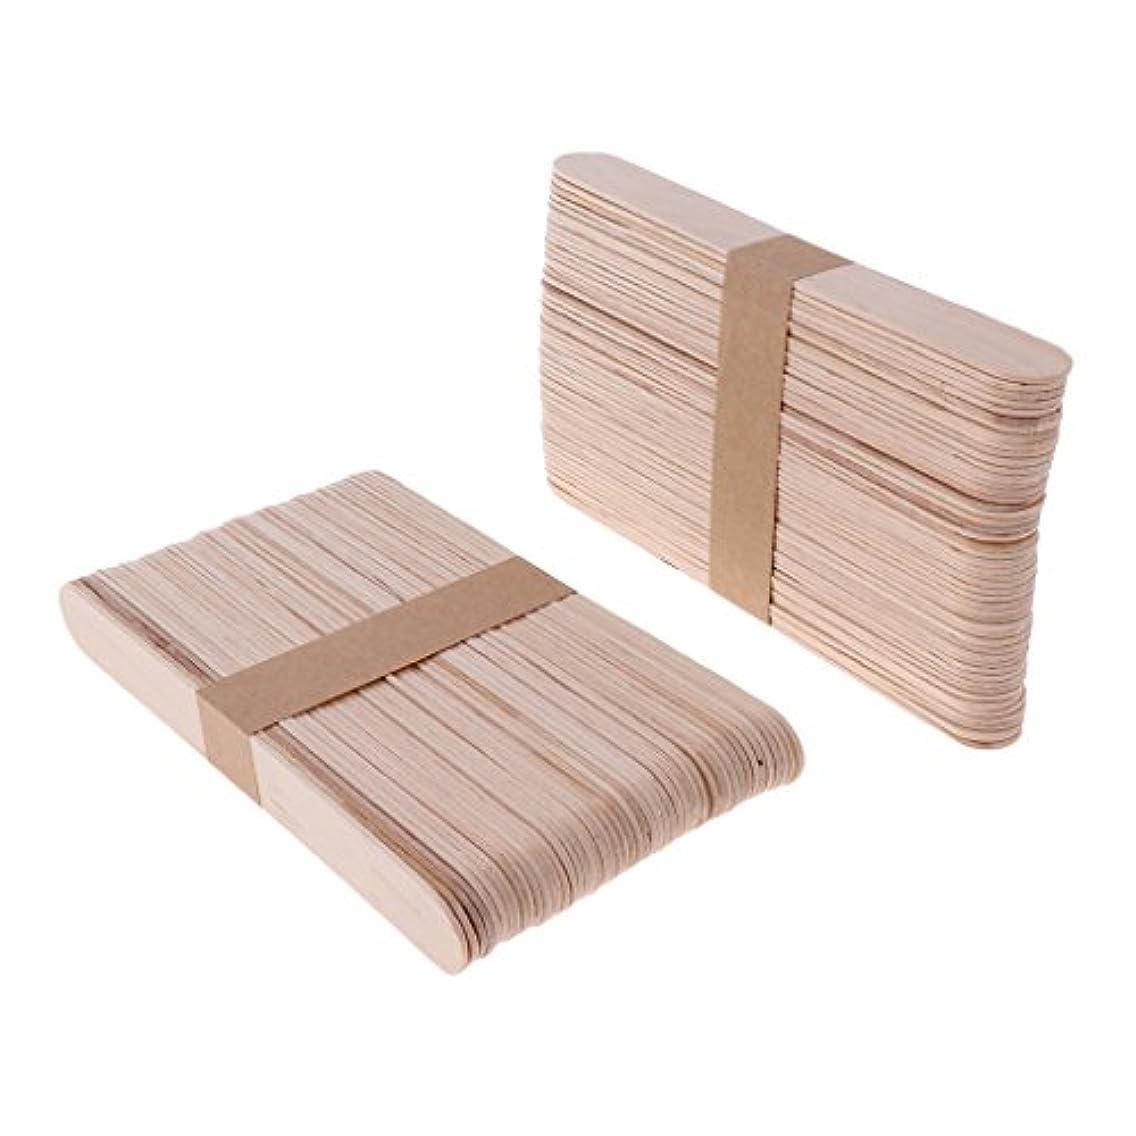 ある崇拝するプレーヤー木材スティック 脱毛 ワックス用 体毛除去 自宅用 美容院 200個入り 2サイズ選べる - L